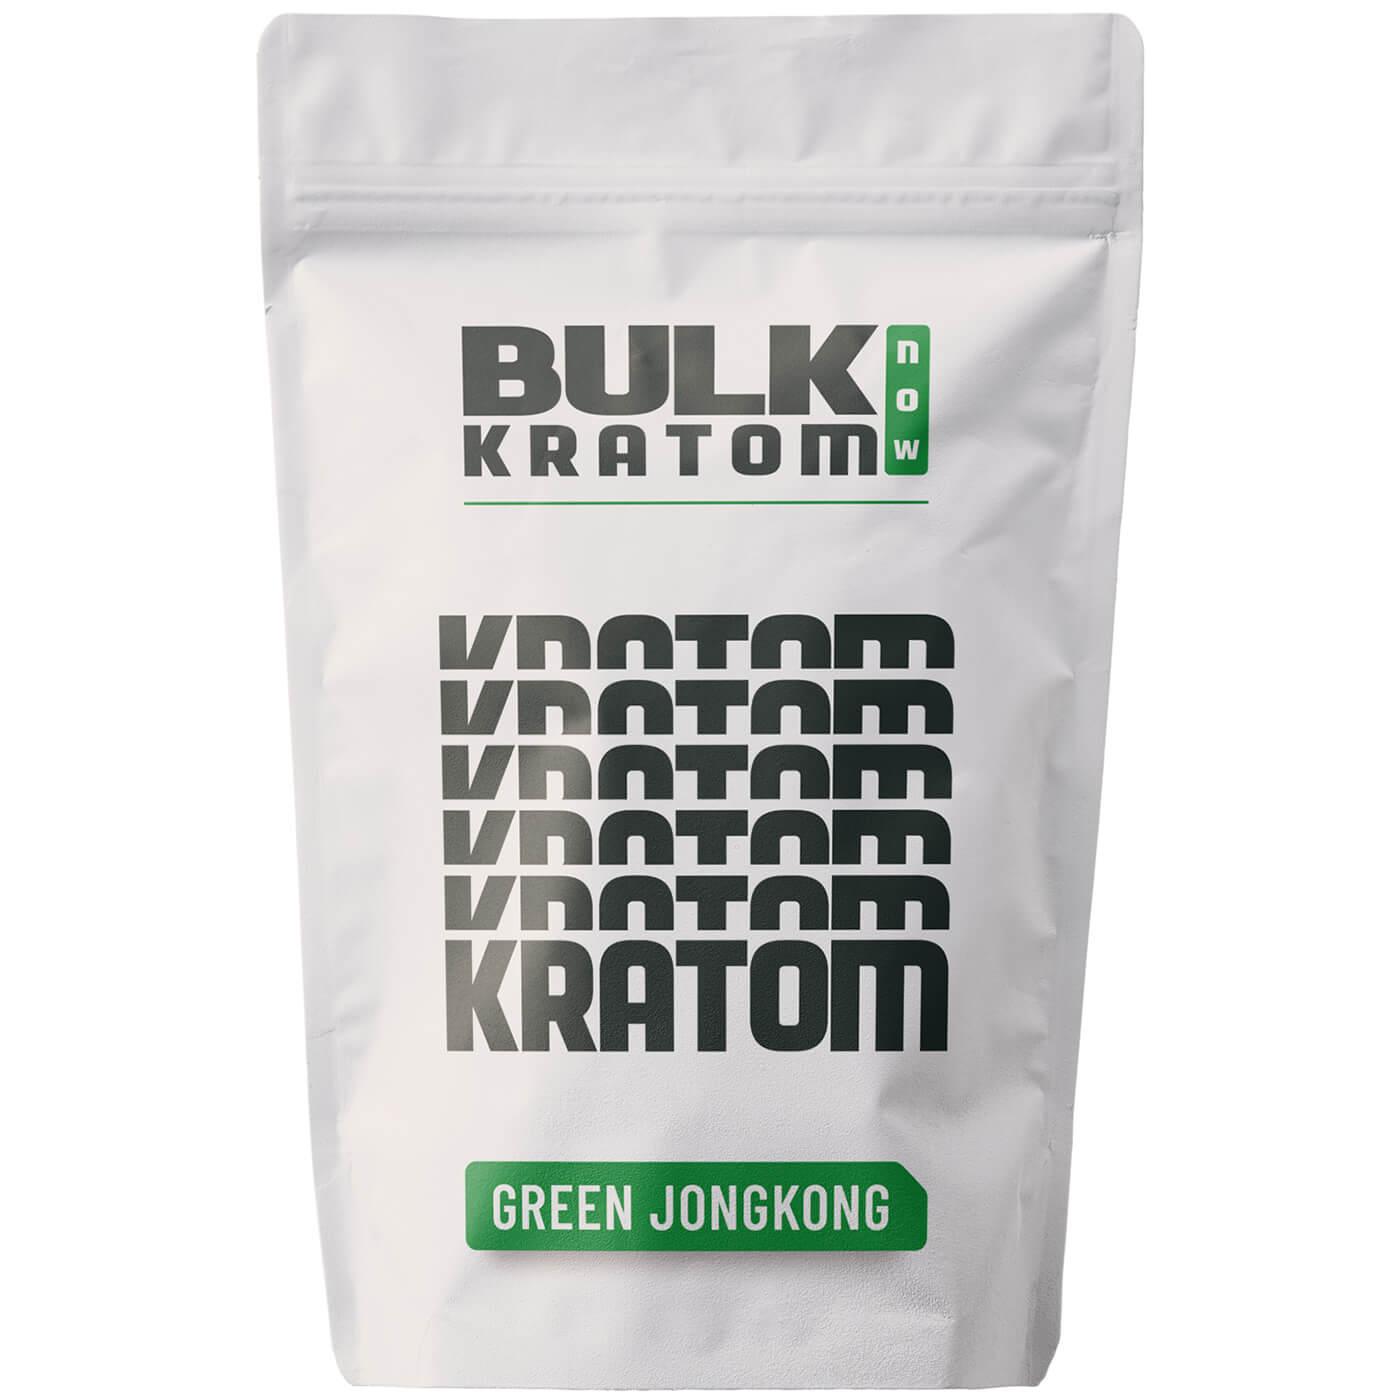 green jongkong kratom